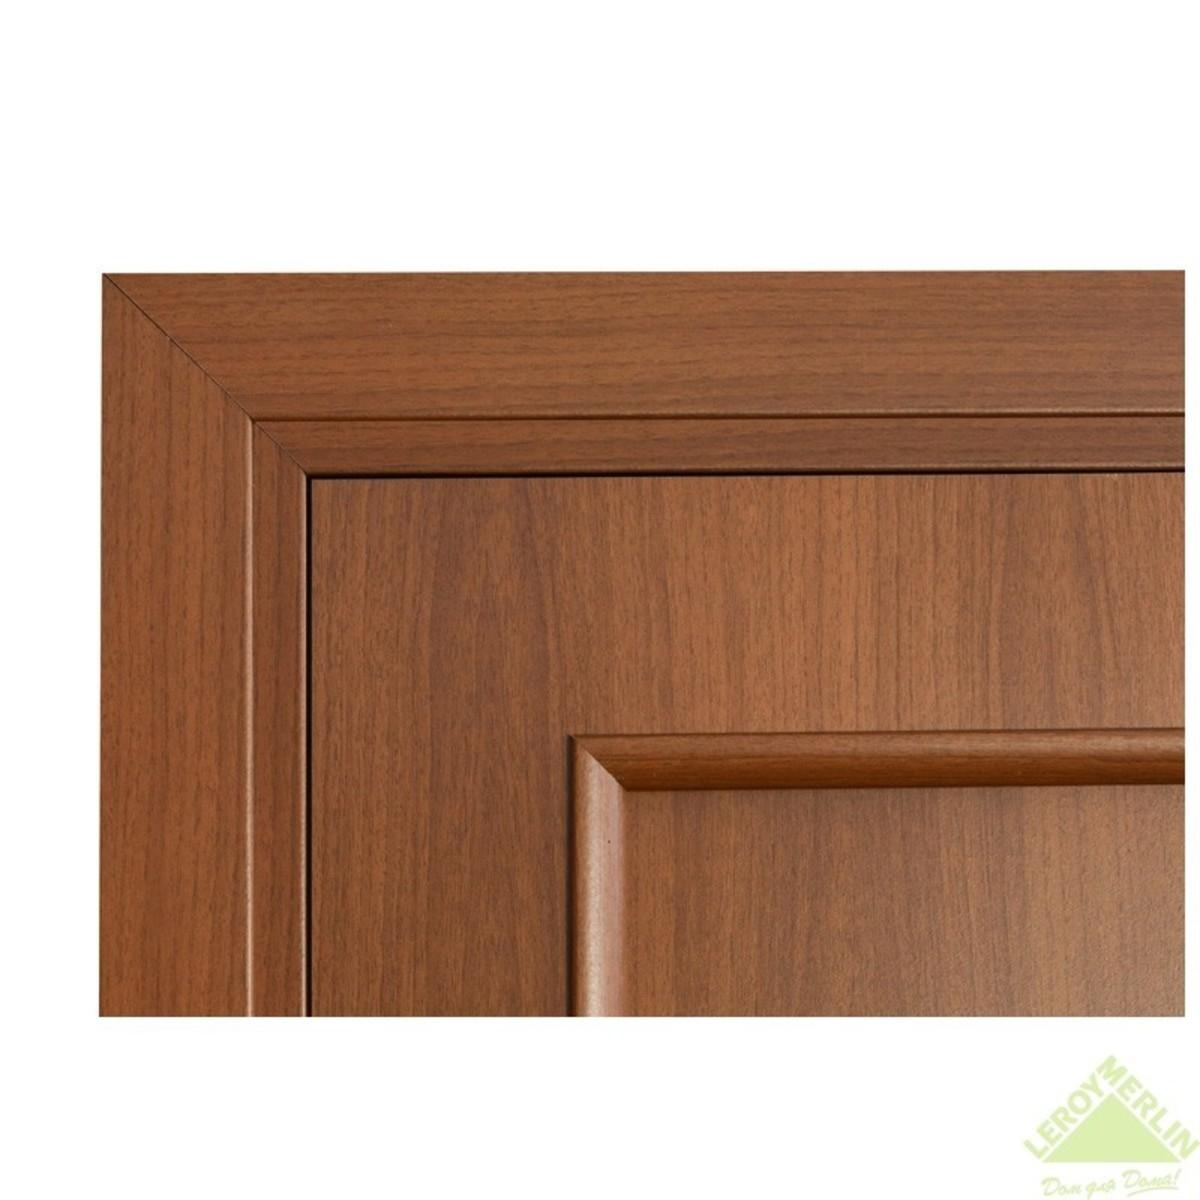 Дверь Межкомнатная Остеклённая Фортунато Классика 60x200 Ламинация Цвет Орех